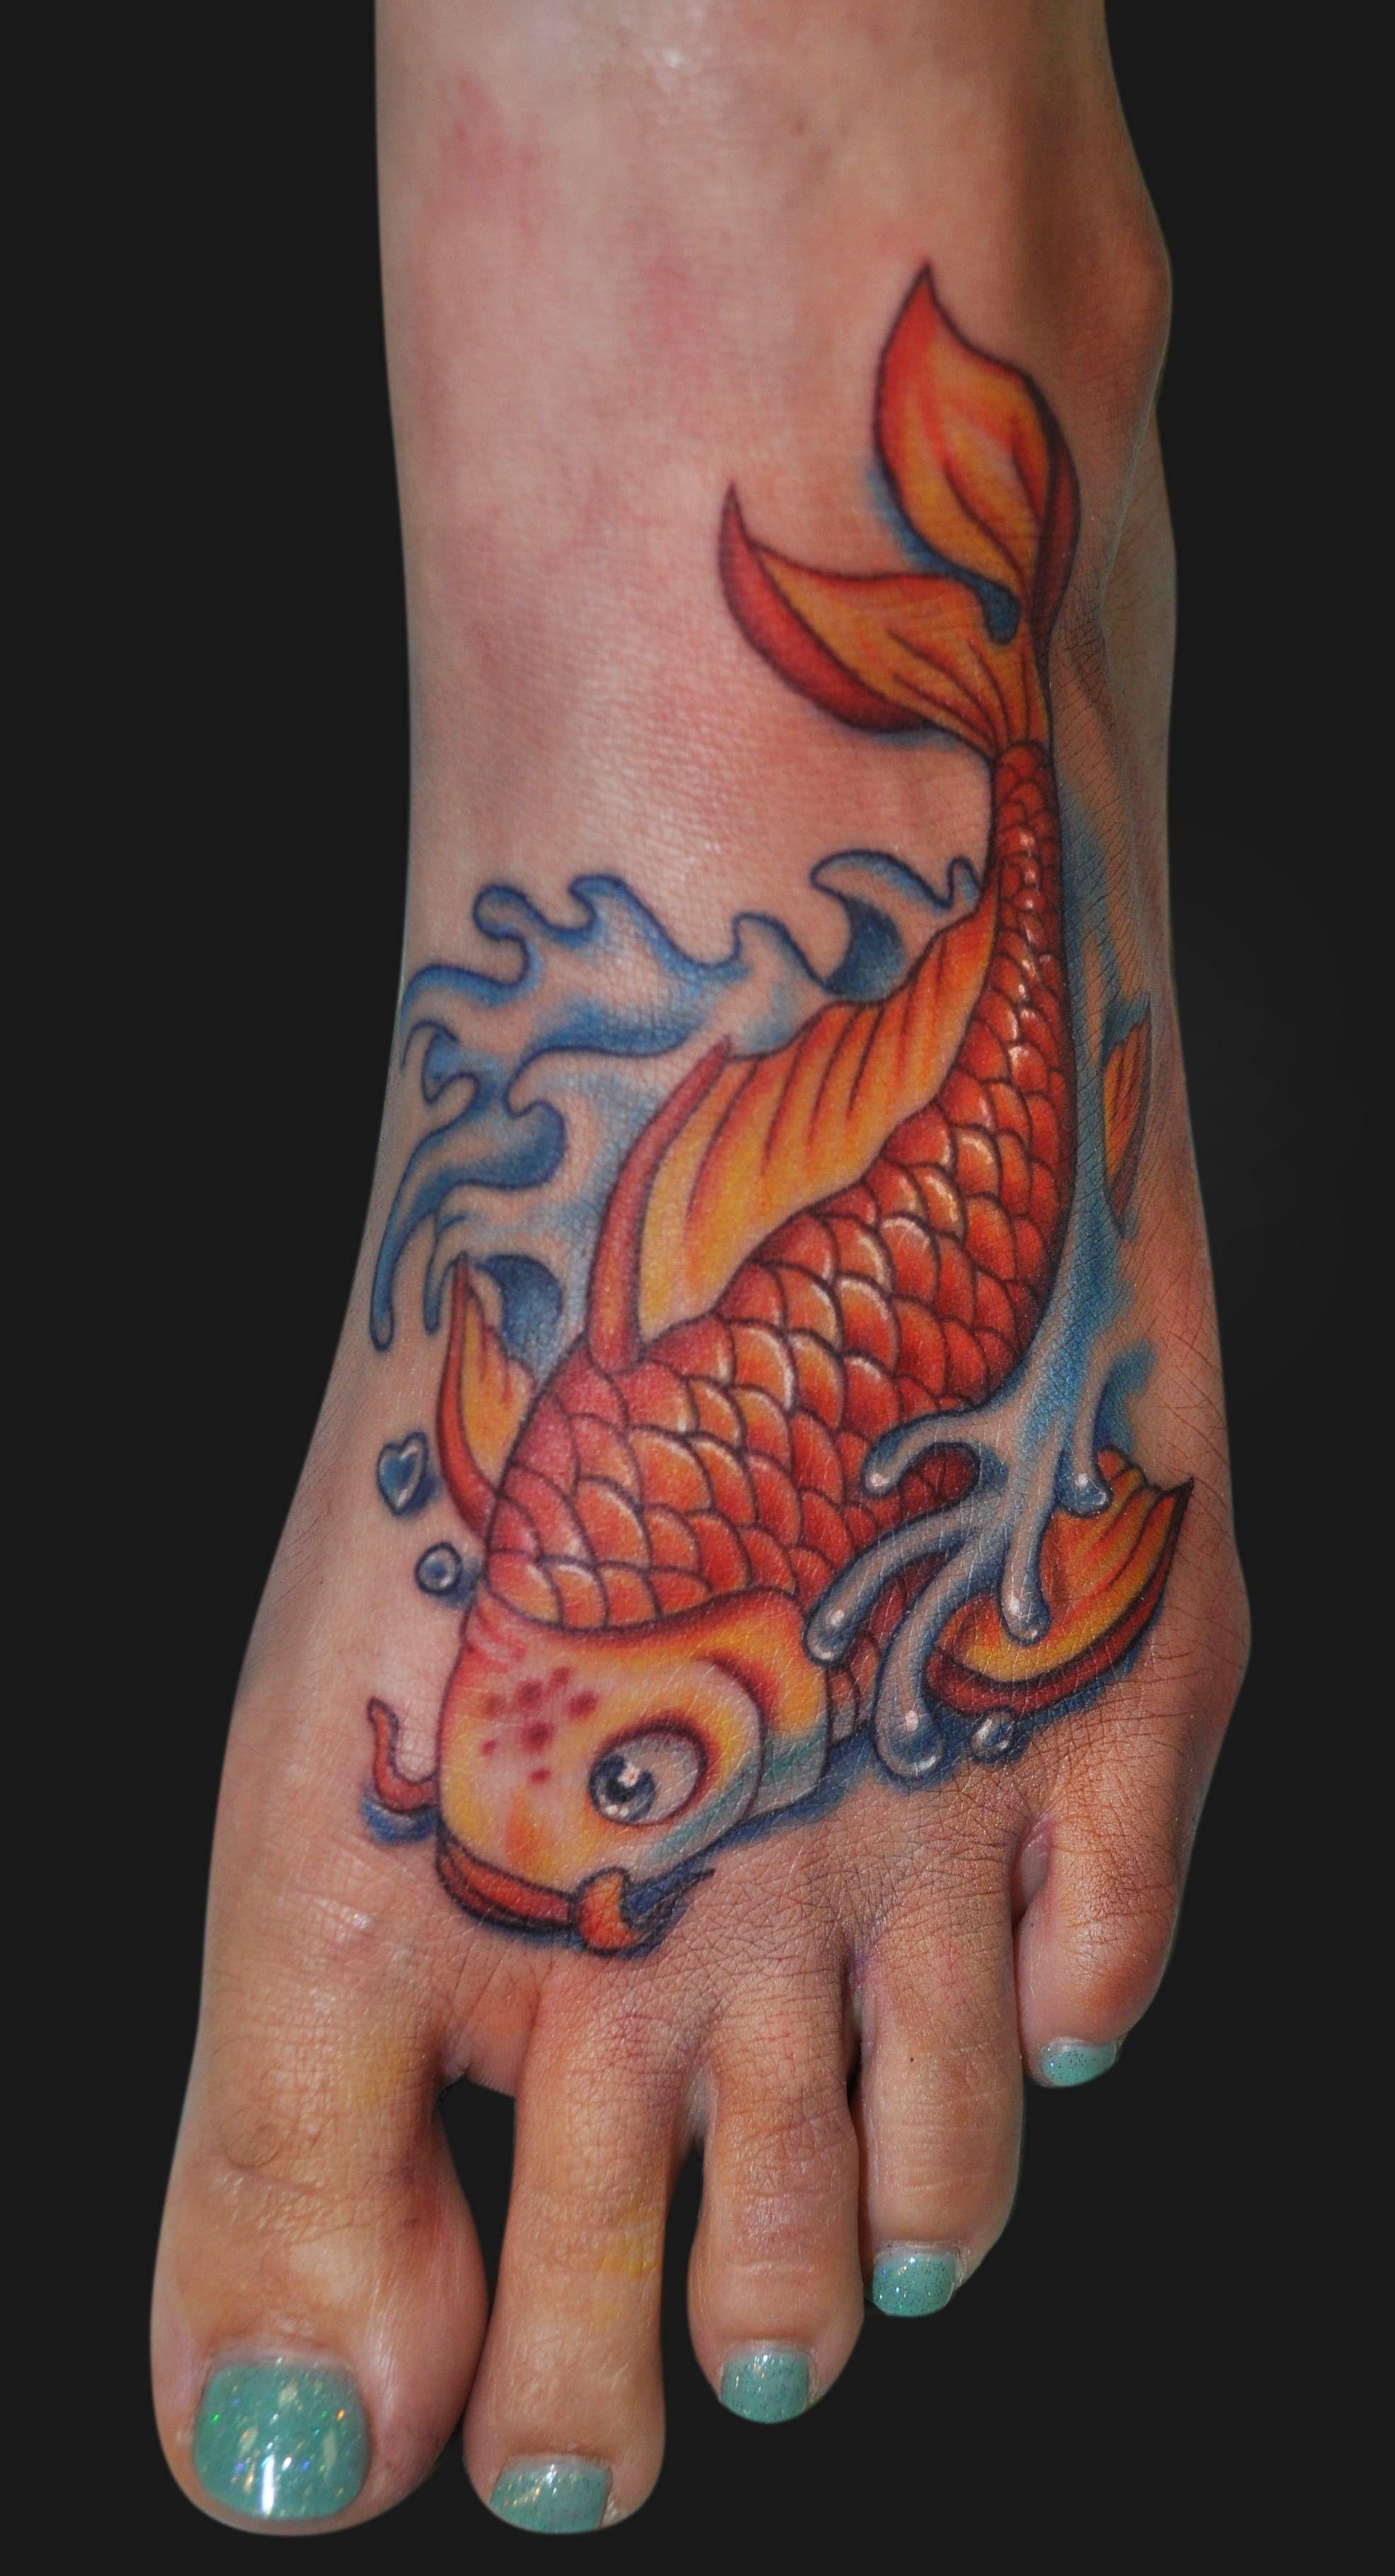 Goalie reccomend Pissed fish tattoos